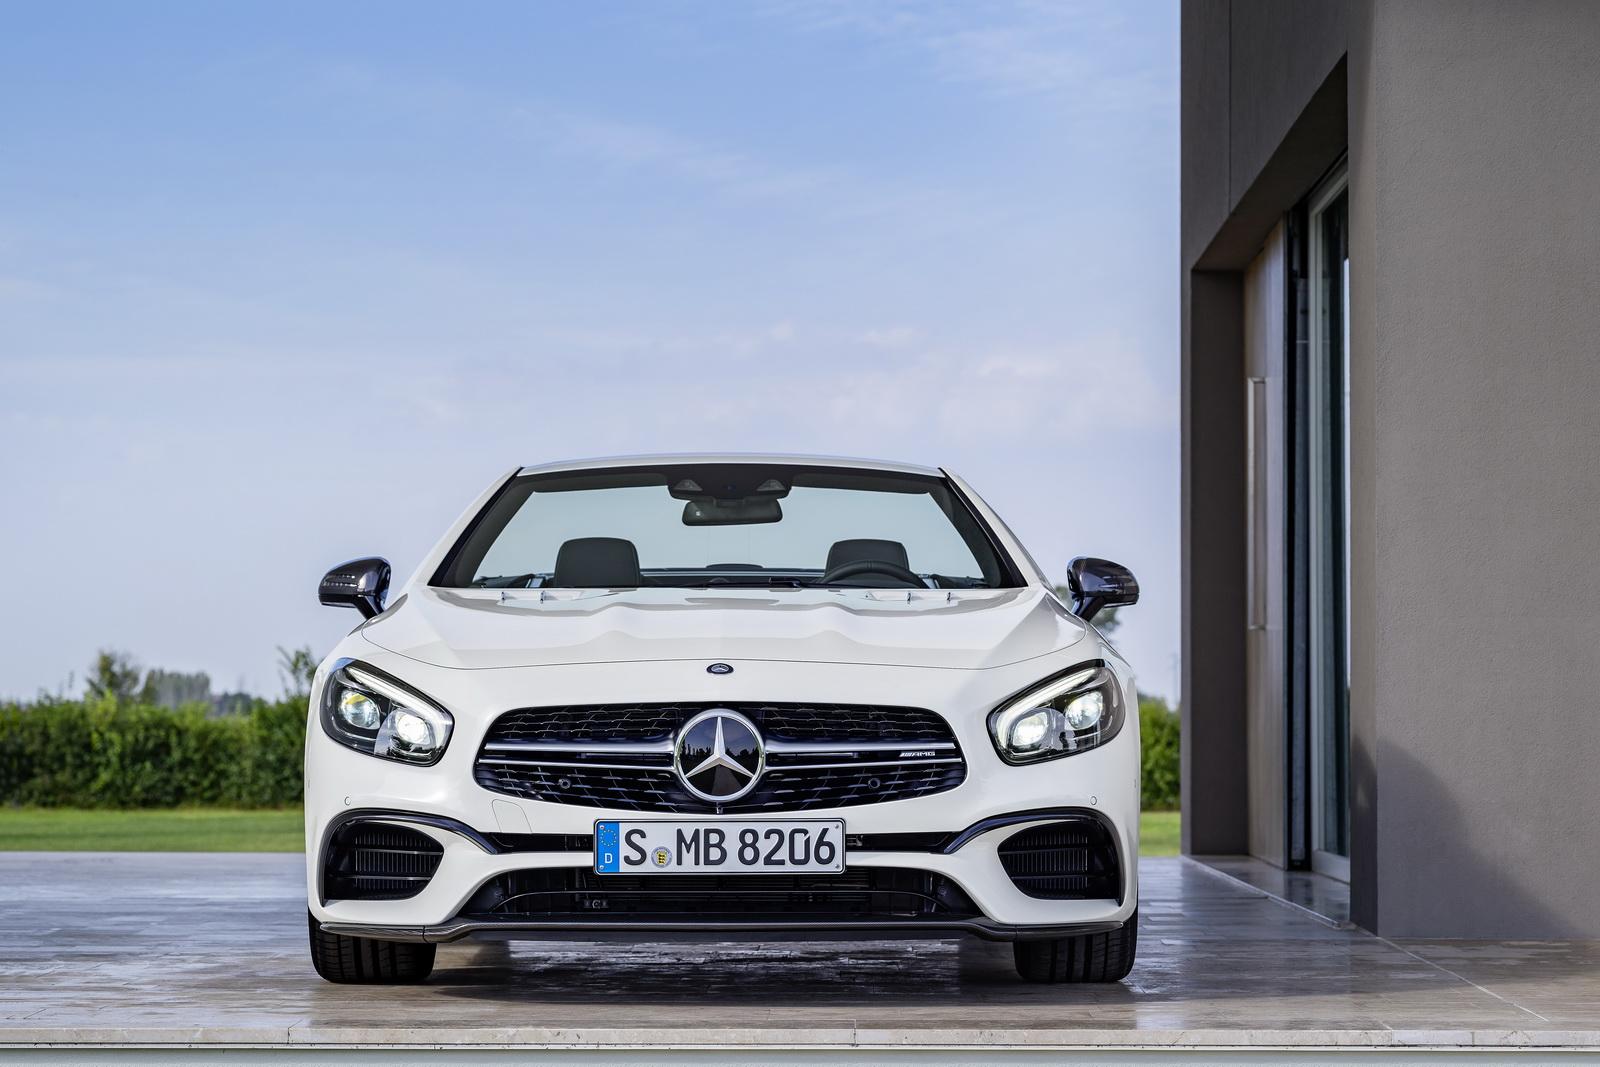 2017 Makyajlı Yeni Mercedes SL Serisi de Kendini Gösterdi